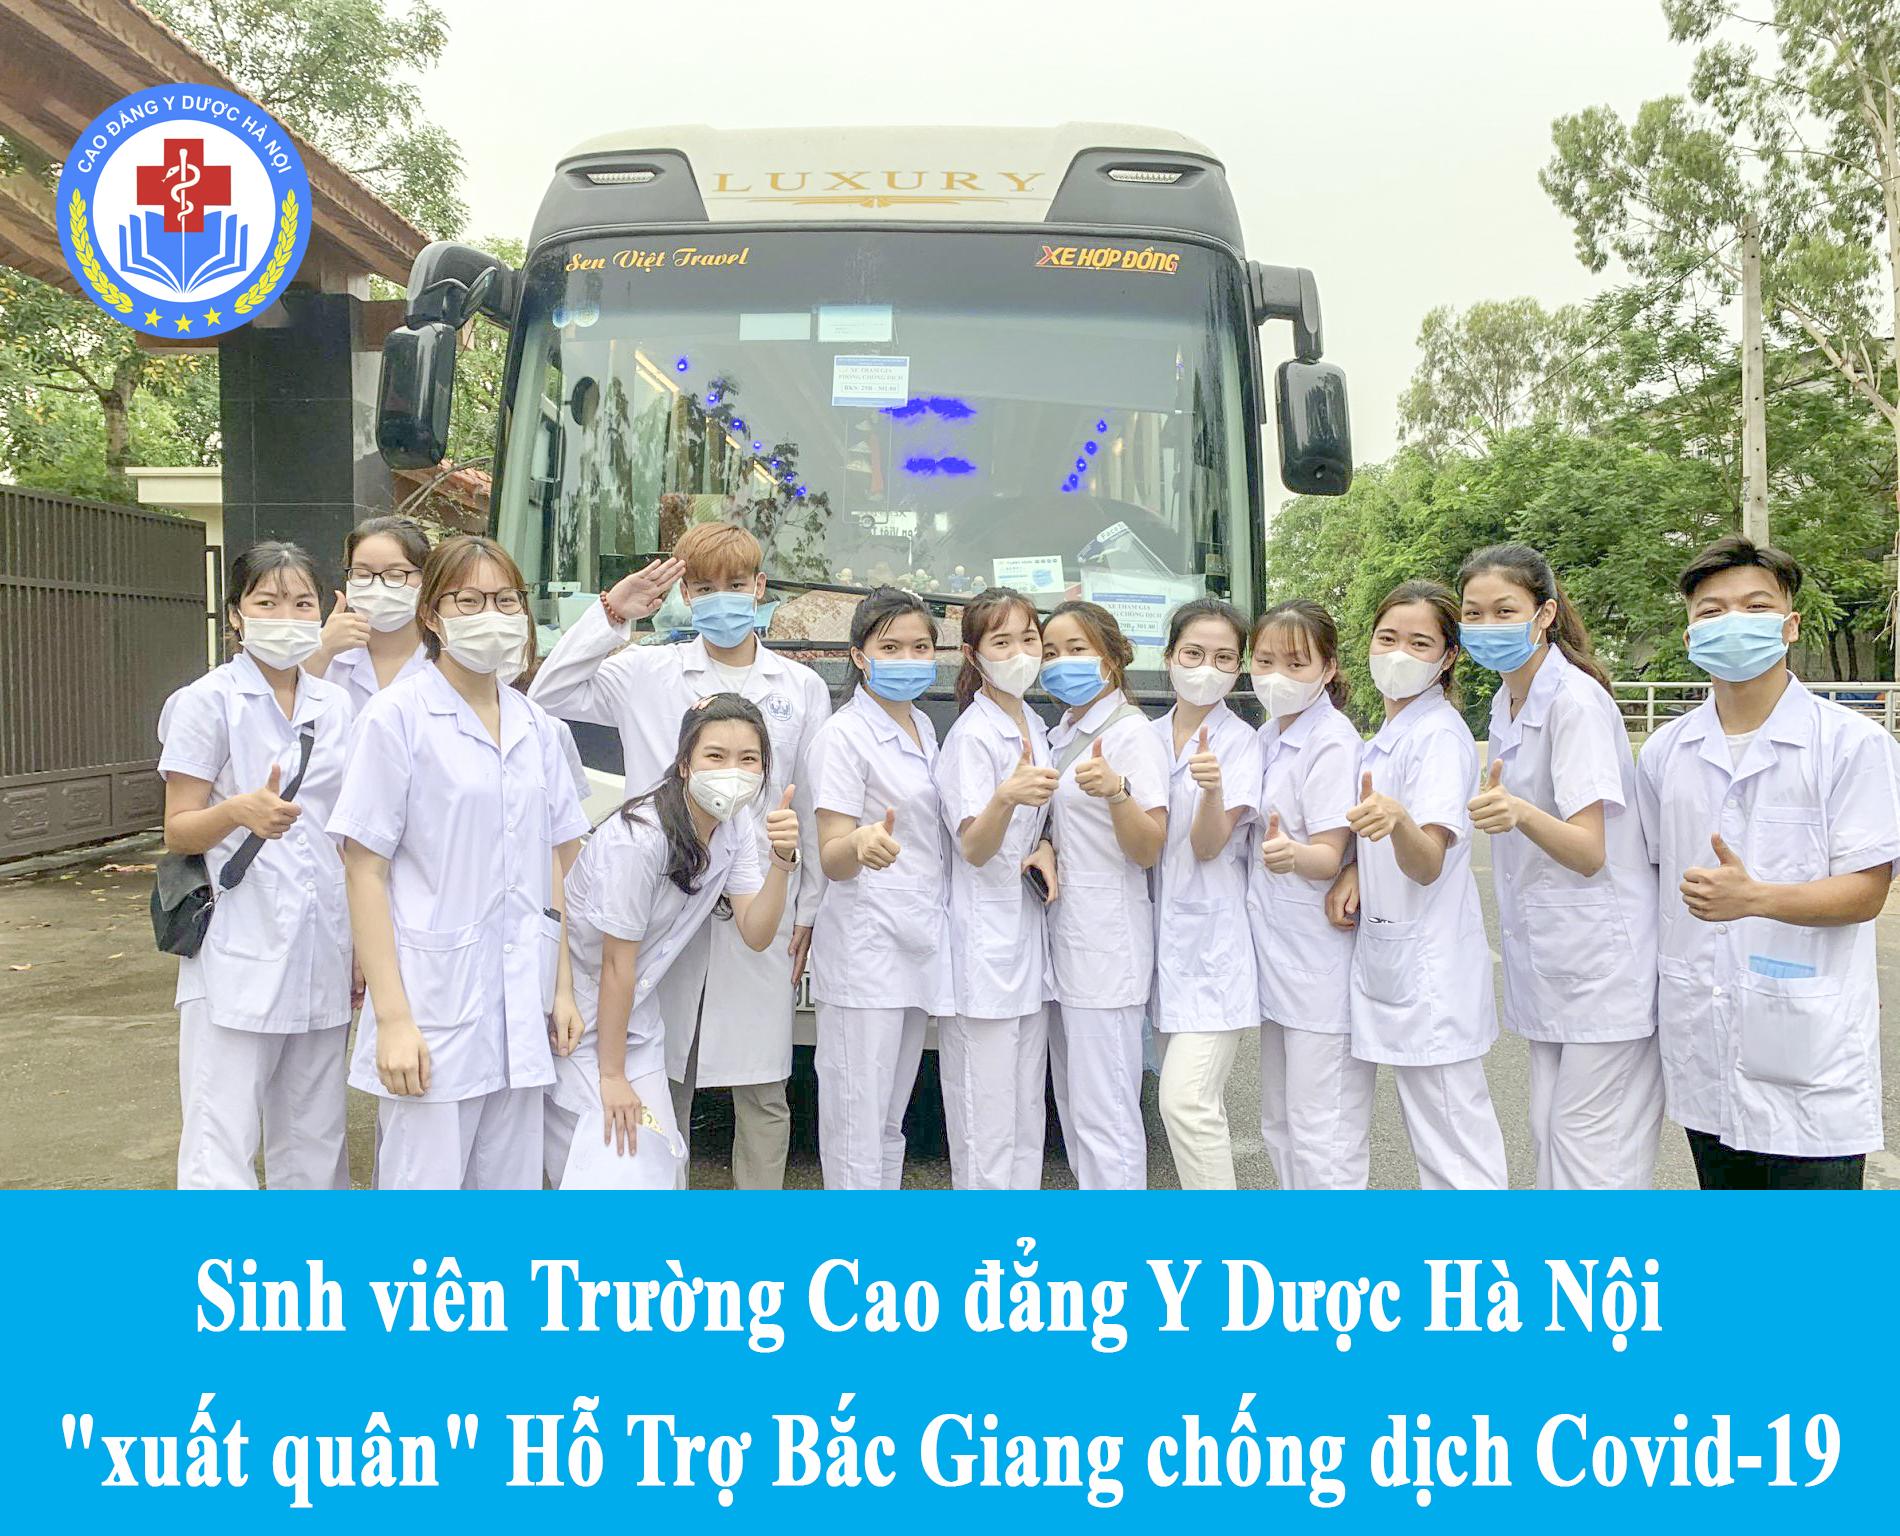 Sinh viên trường Cao đẳng Y Dược Hà Nội tình nguyện tham gia công tác phòng, chống Covid tại tỉnh Bắc Giang